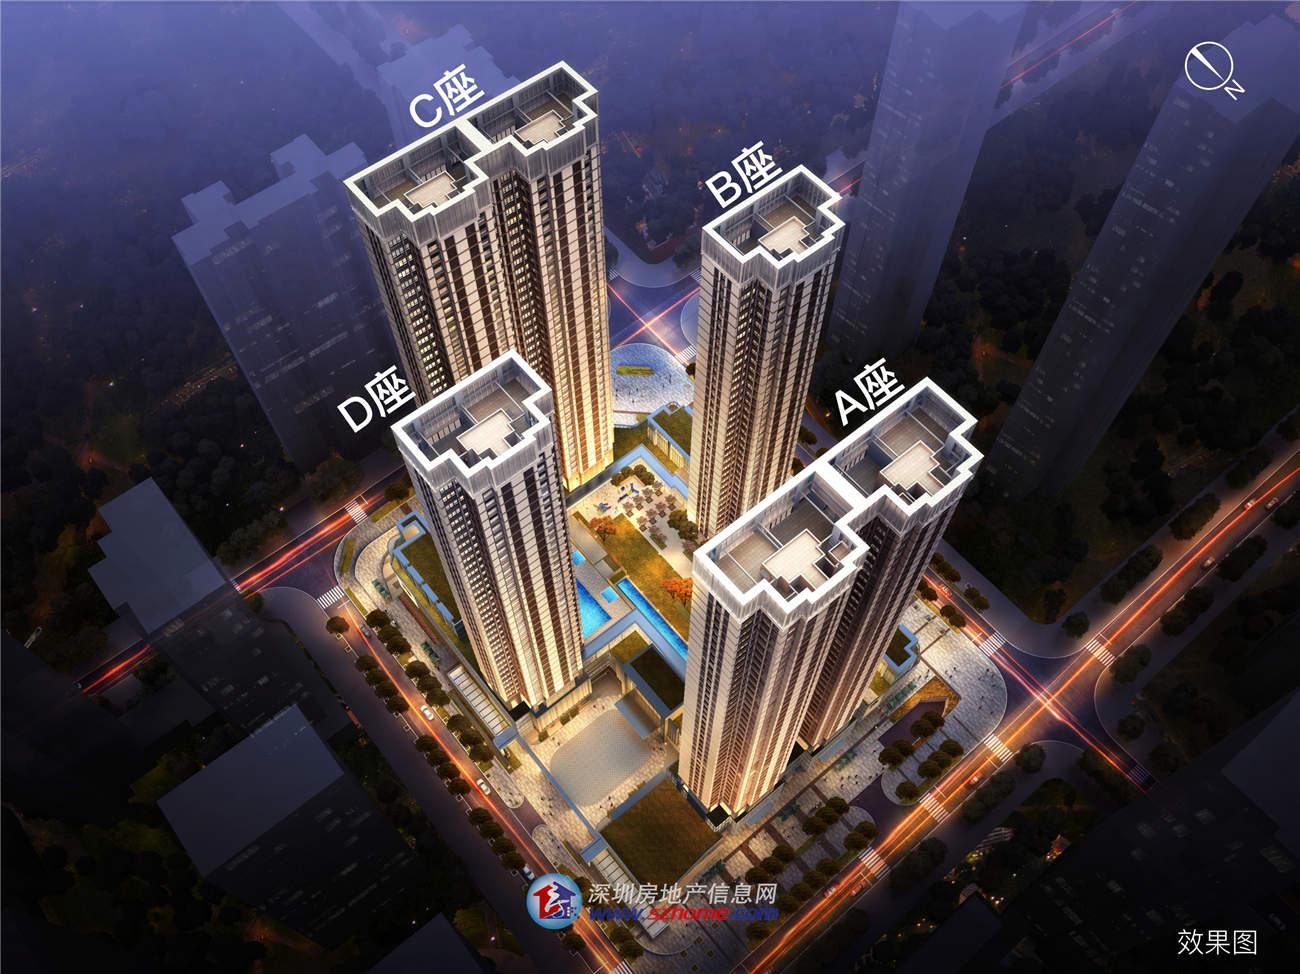 万科瑧山府三期-万科香蜜府-深圳房地产信息网